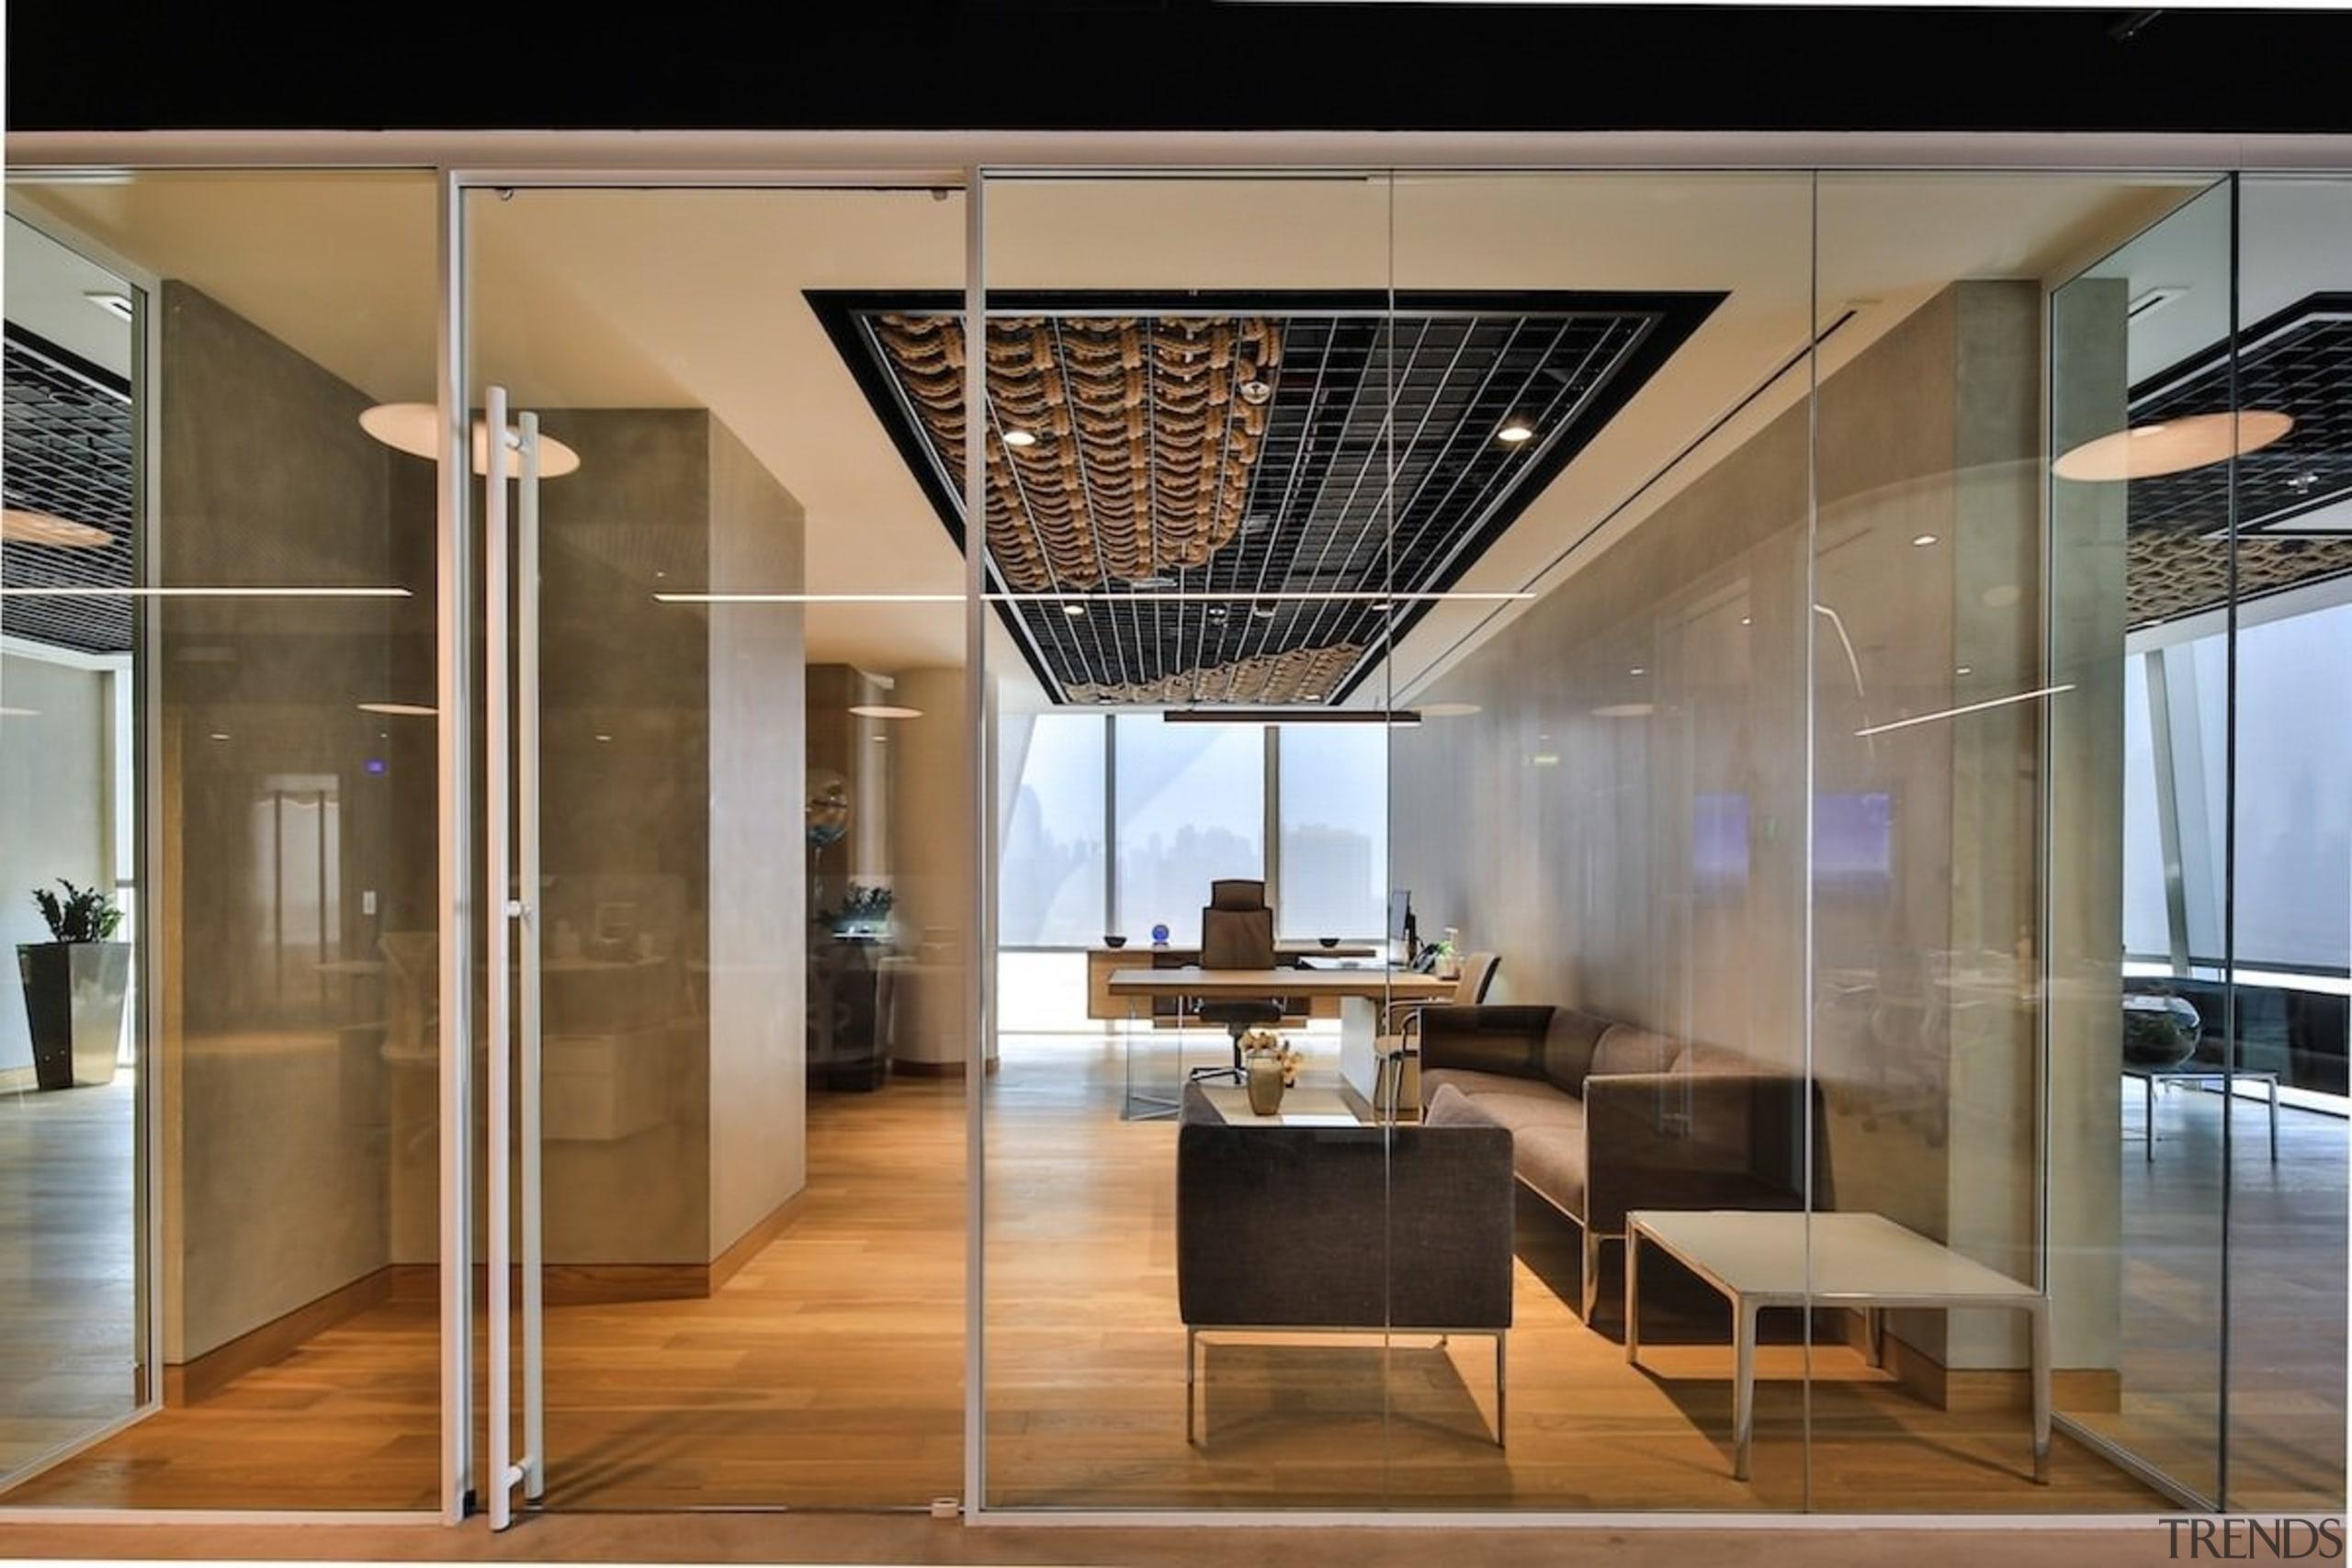 Smart Dubai - Smart Dubai - ceiling | ceiling, glass, interior design, lobby, brown